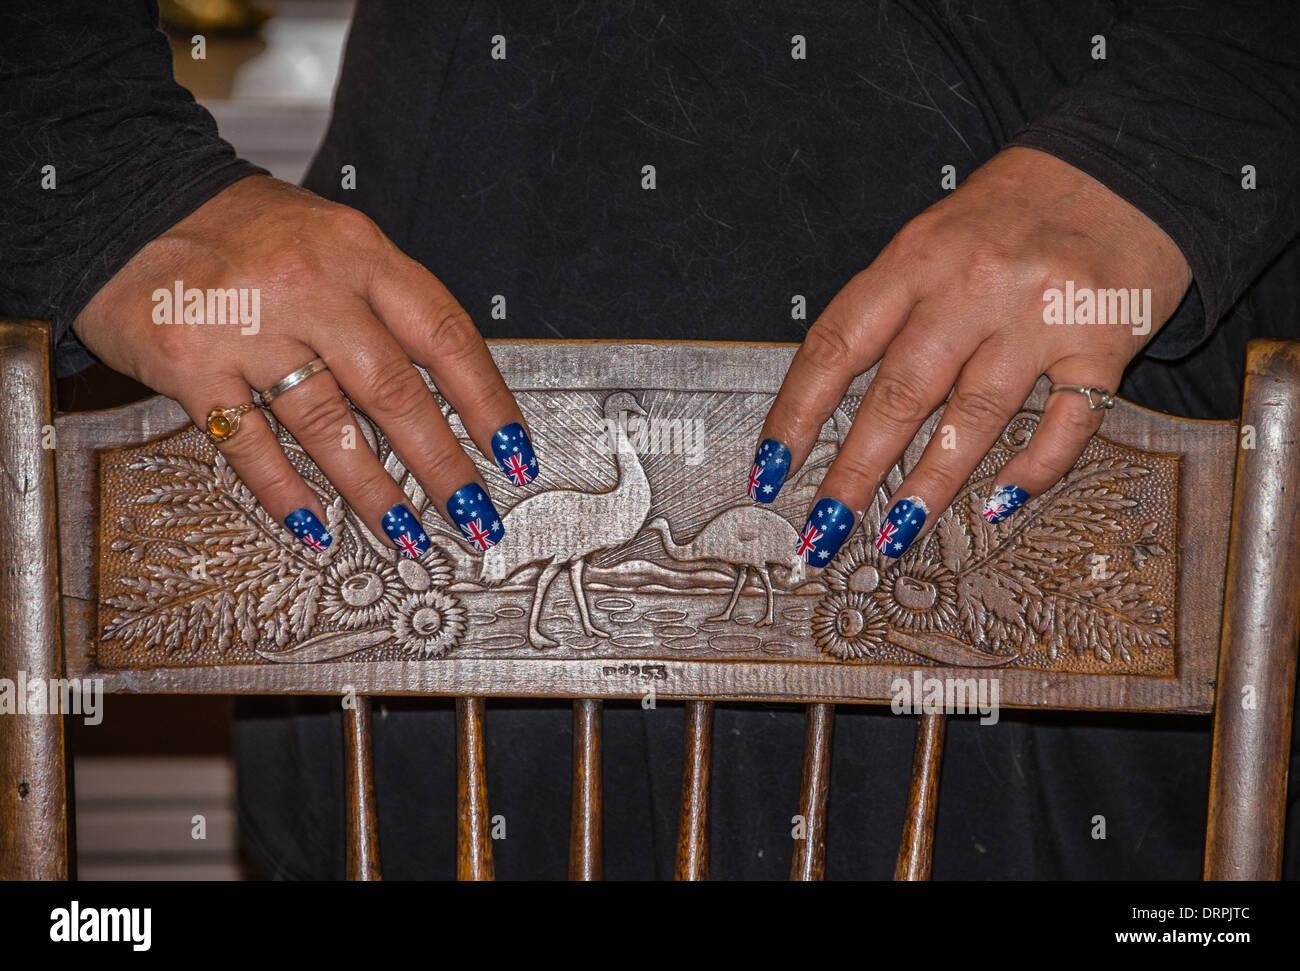 Australische Fahnen gemalt auf die Nägel der Hände, die auf einem ...